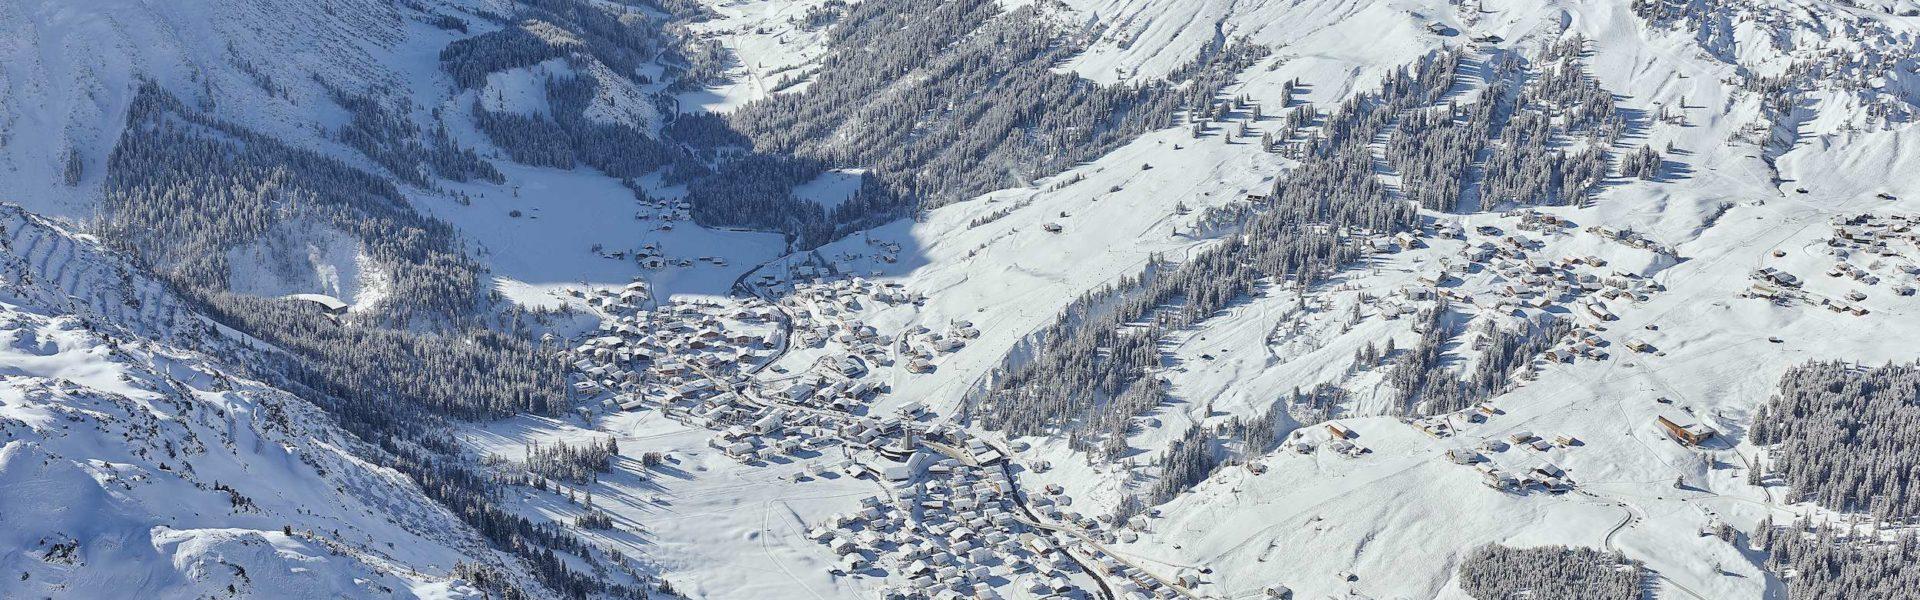 Lech Zürs am Arlberg (c) Alex Kaiser